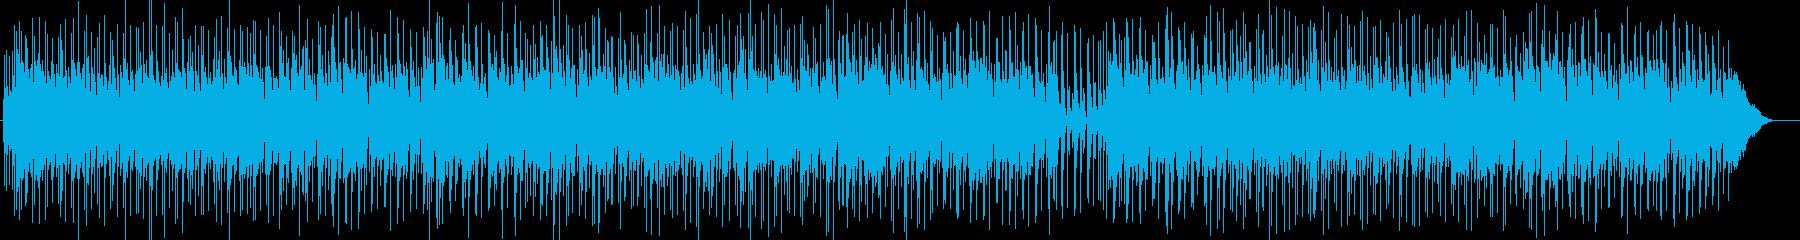 ザ・スミス風の焦燥感あるネオアコ 80sの再生済みの波形